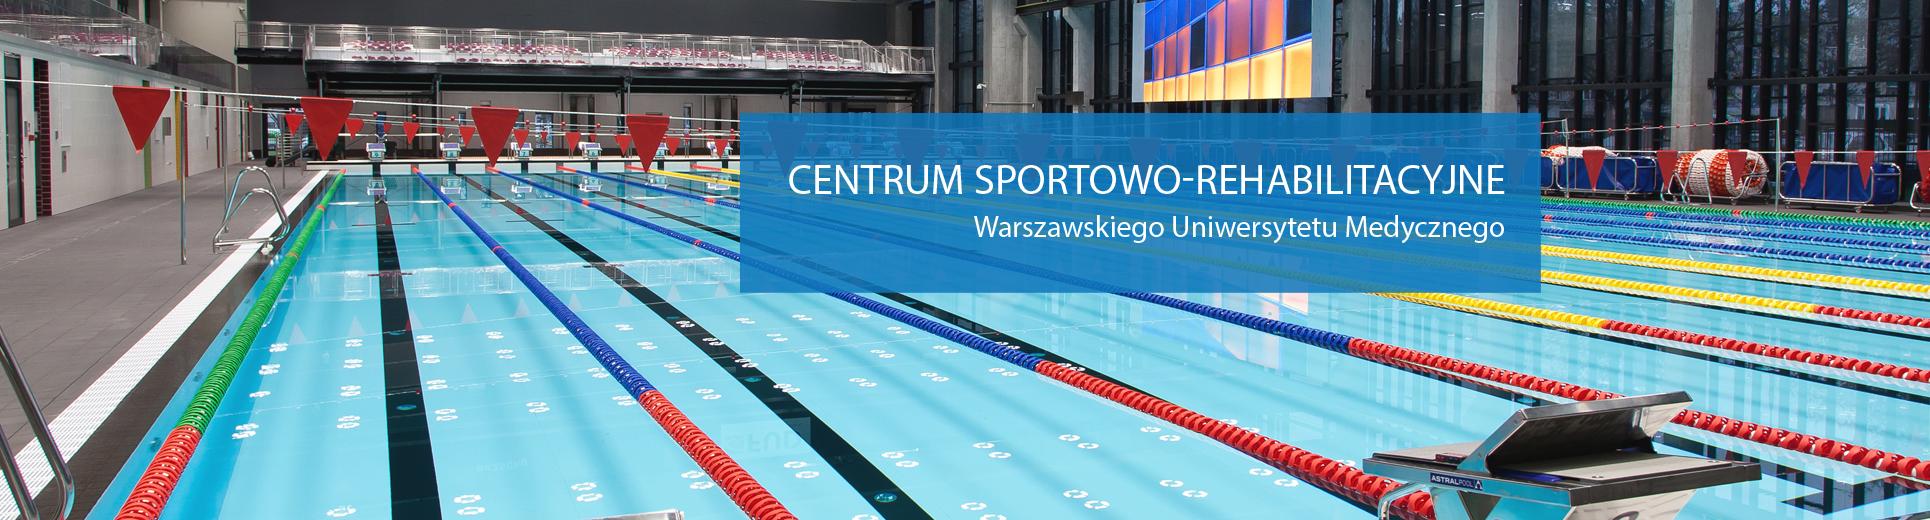 Baner przedstawiający basen olimpijski Centrum Sportowo-Rehabilitacyjnego, Warszawa